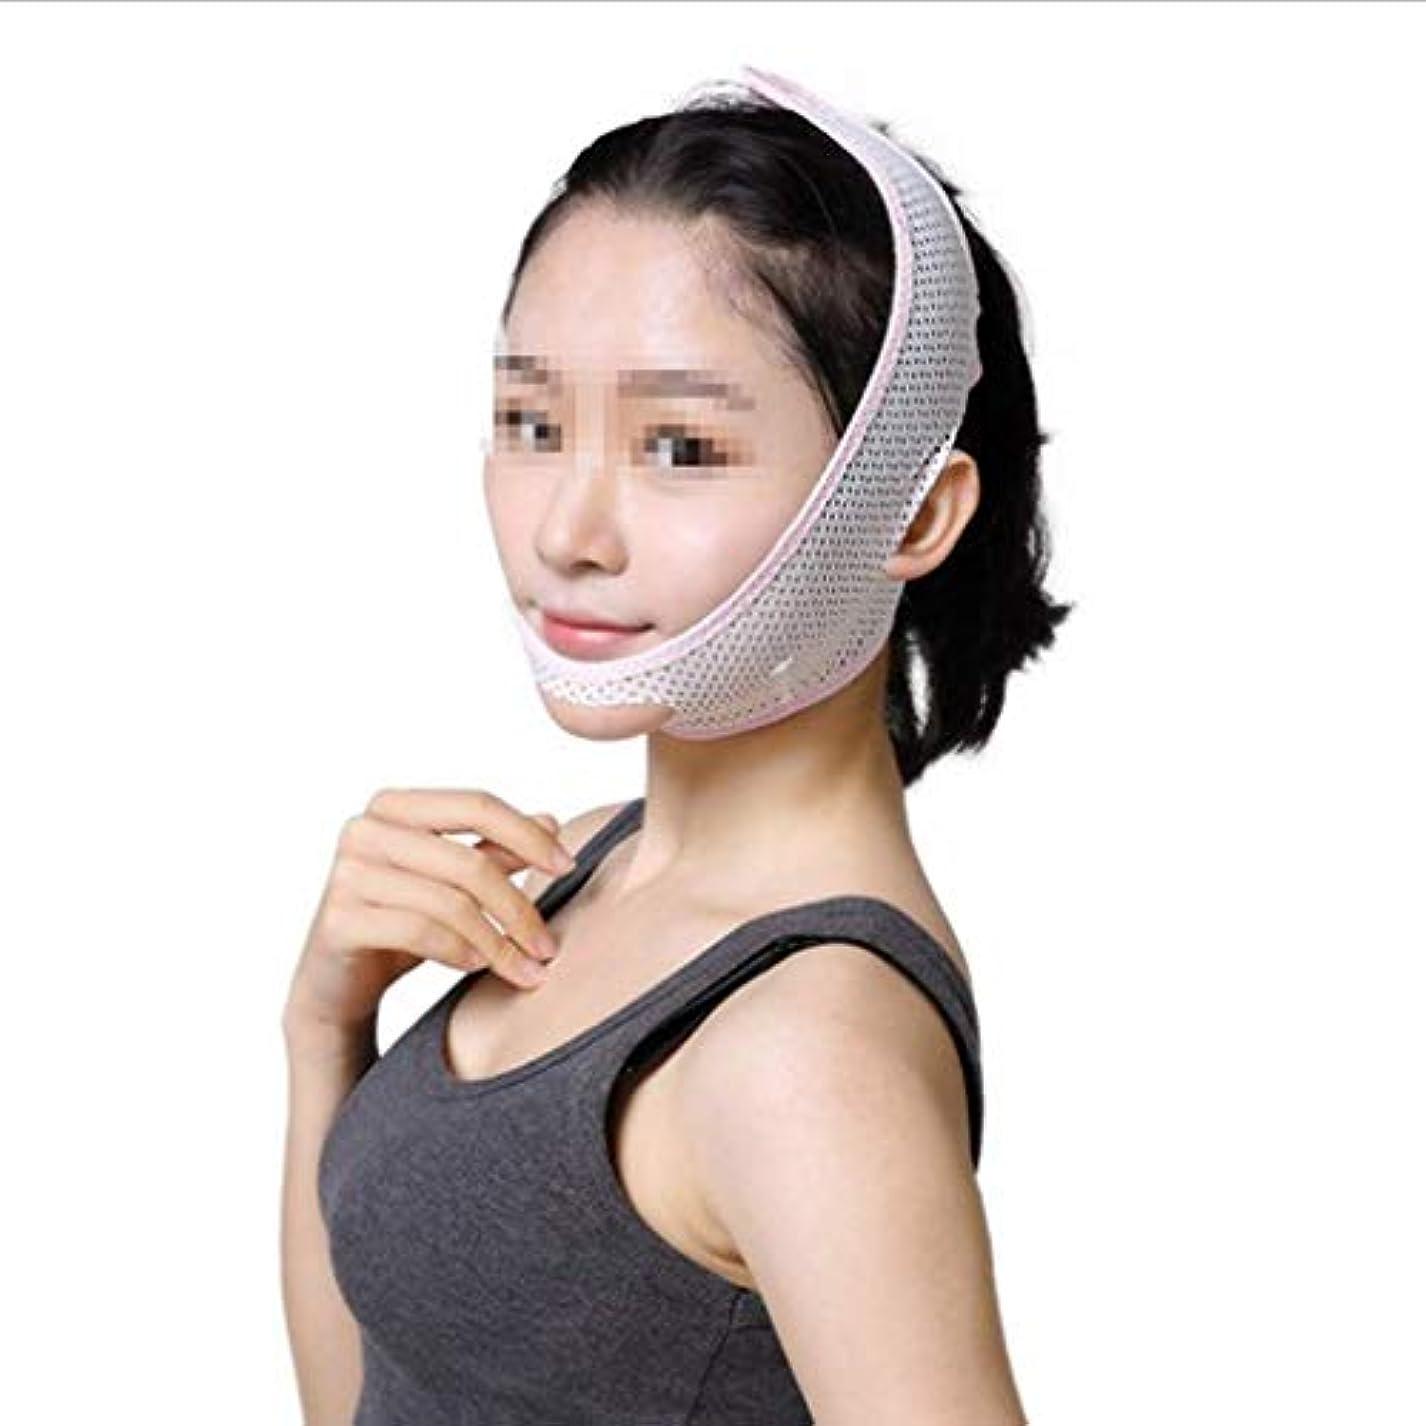 盲信どうしたのブランデー超薄型通気性フェイスマスク、包帯Vフェイスマスクフェイスリフティングファーミングダブルチンシンフェイスベルト(サイズ:M),M